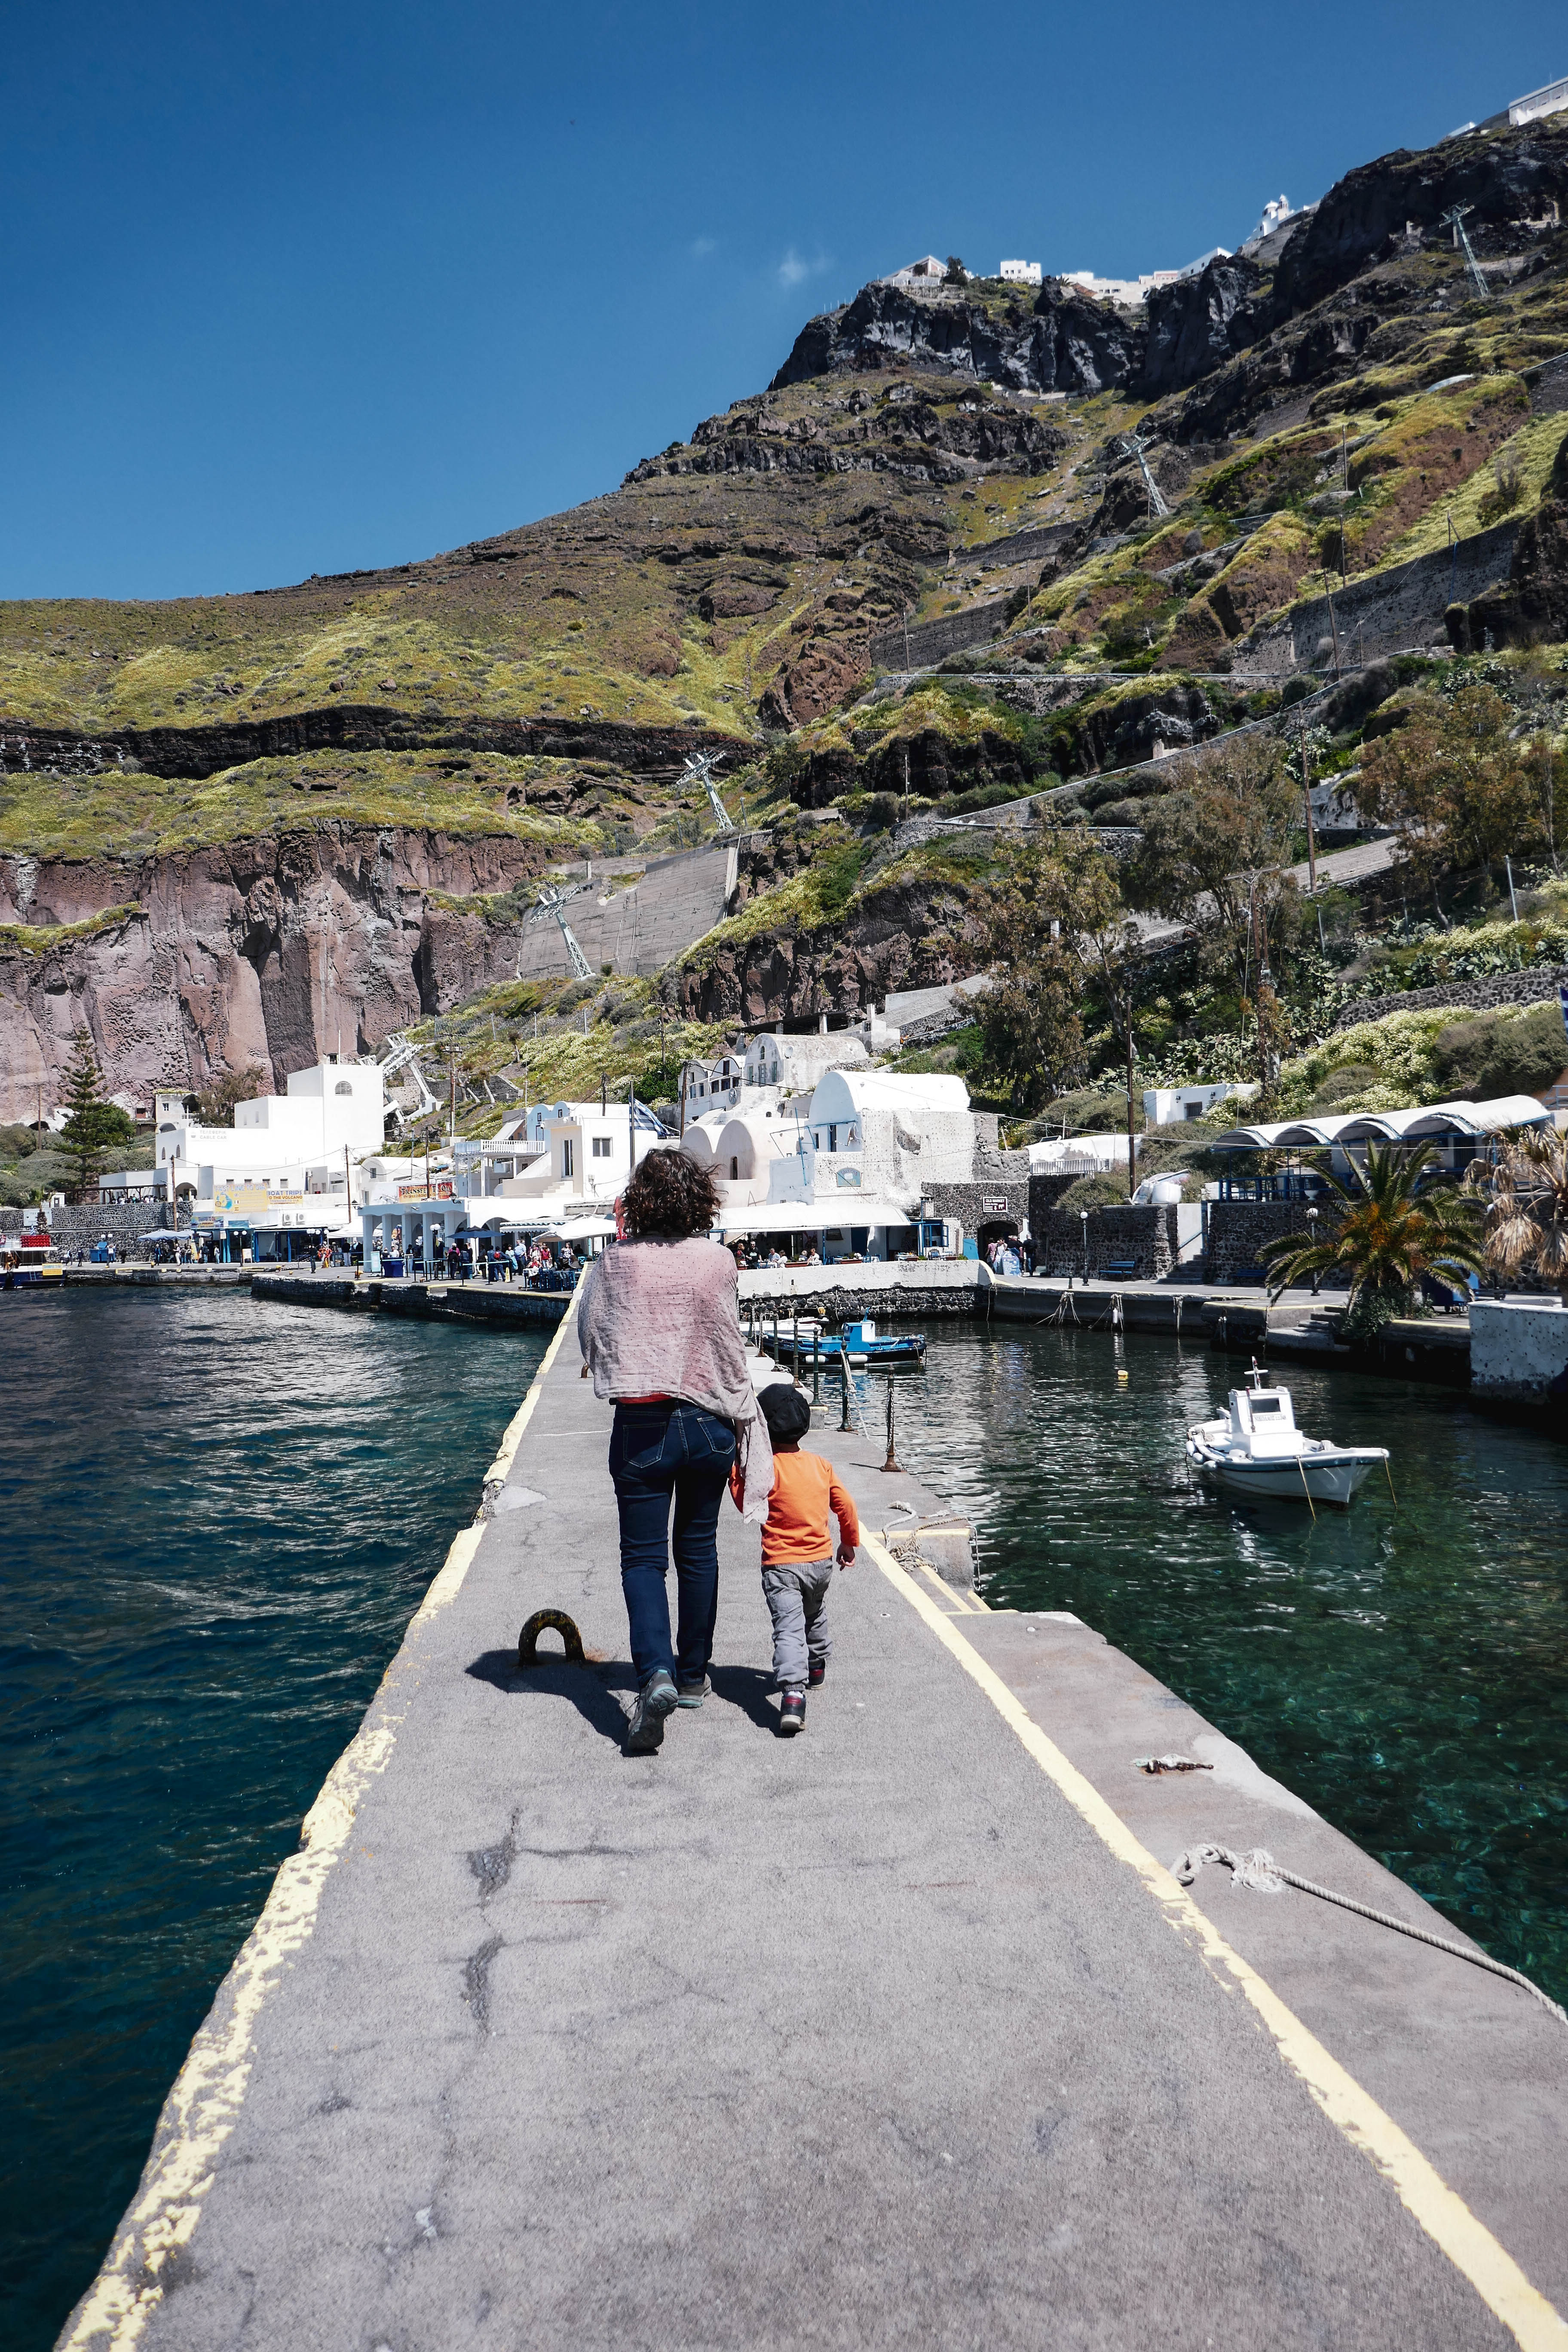 Fira, archipel des Cyclades, île de Santorin. Port Fira Skala